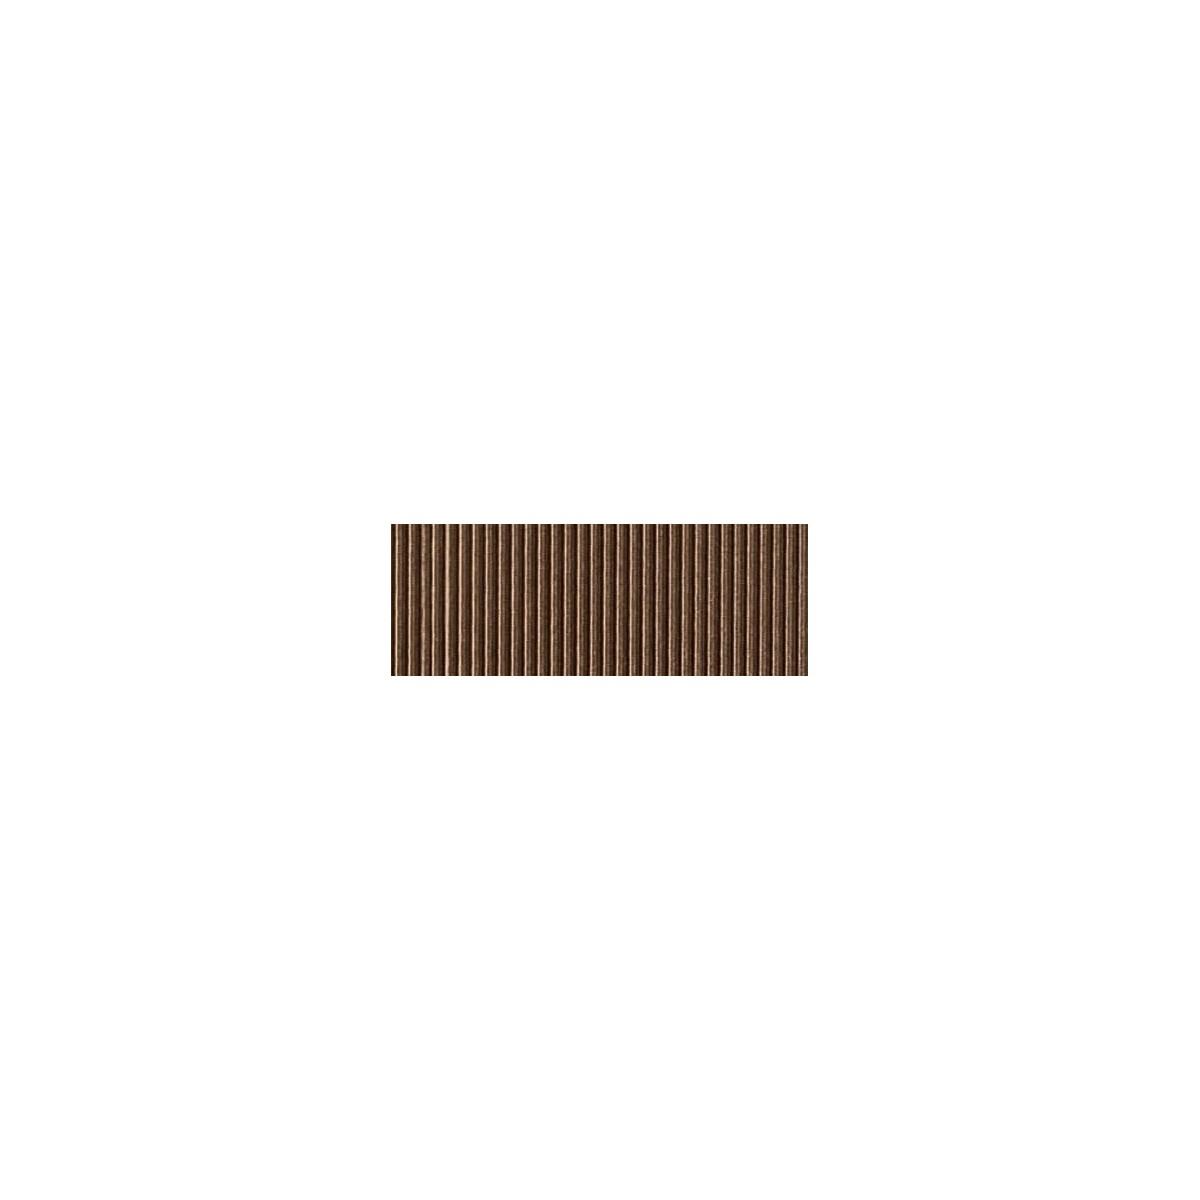 Foglio Cartoncino Onda Colorato Cm.70x50 Marrone